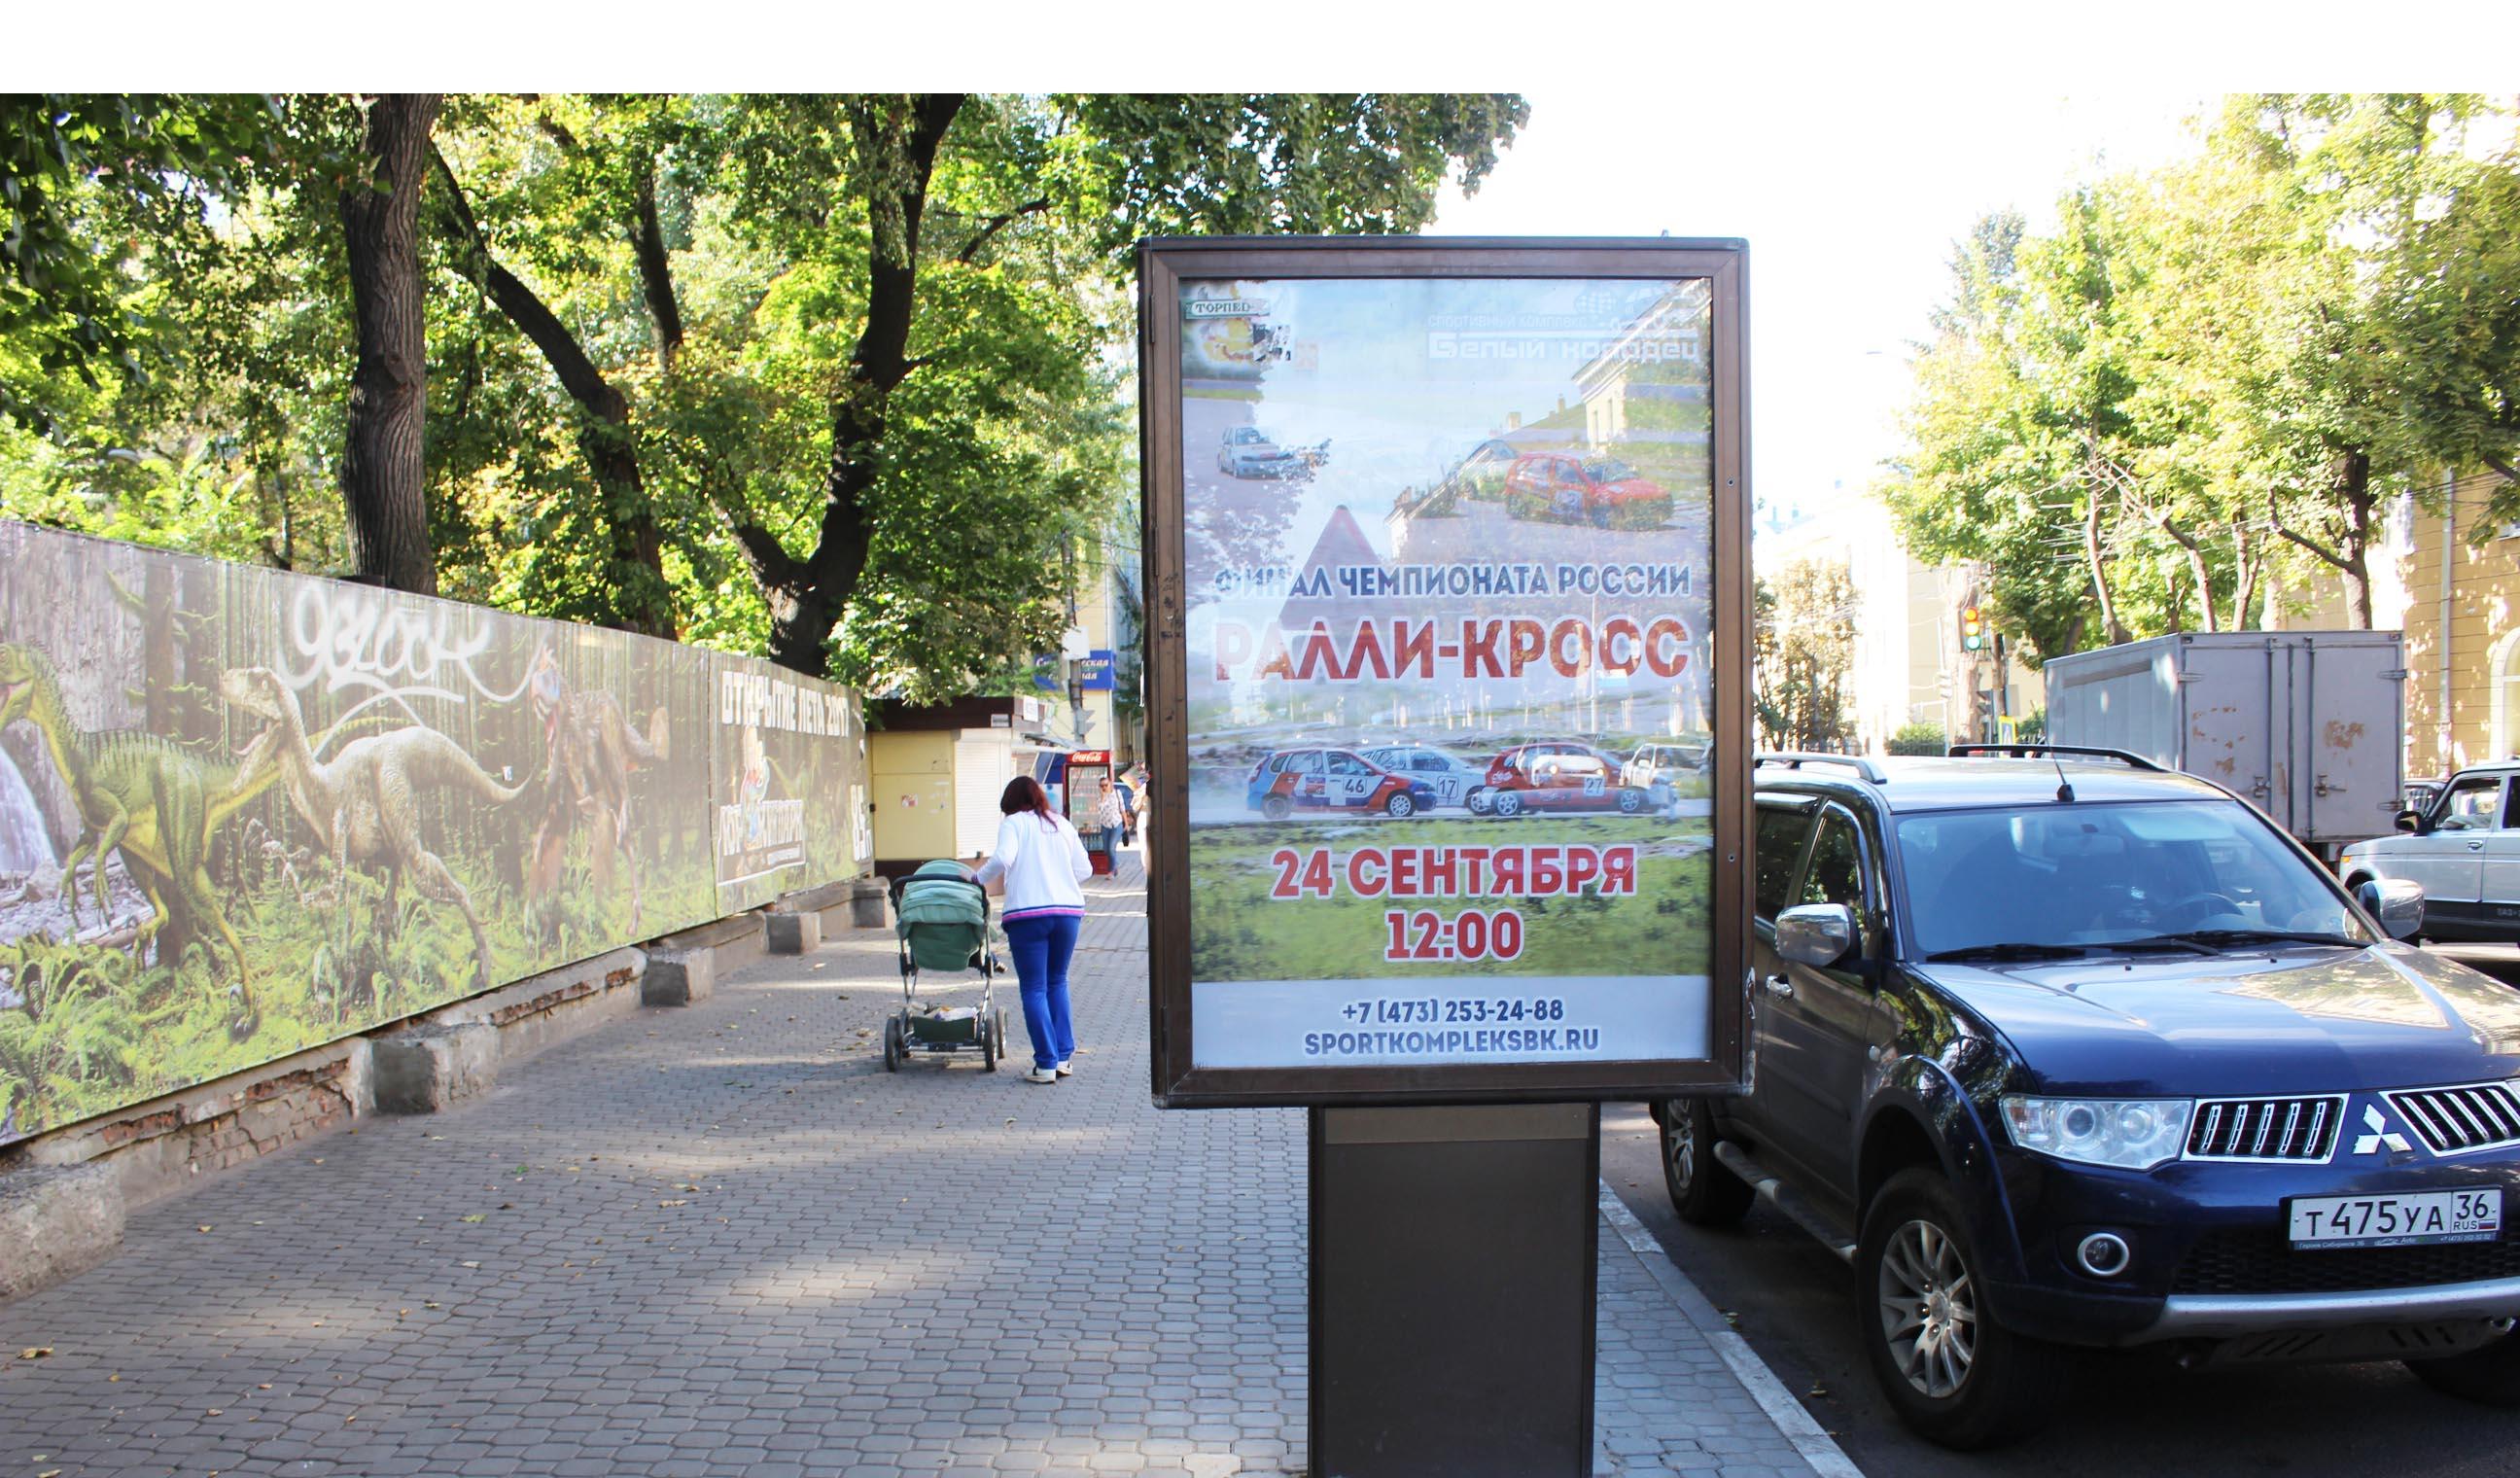 217В ул. Феоктистова д. 2